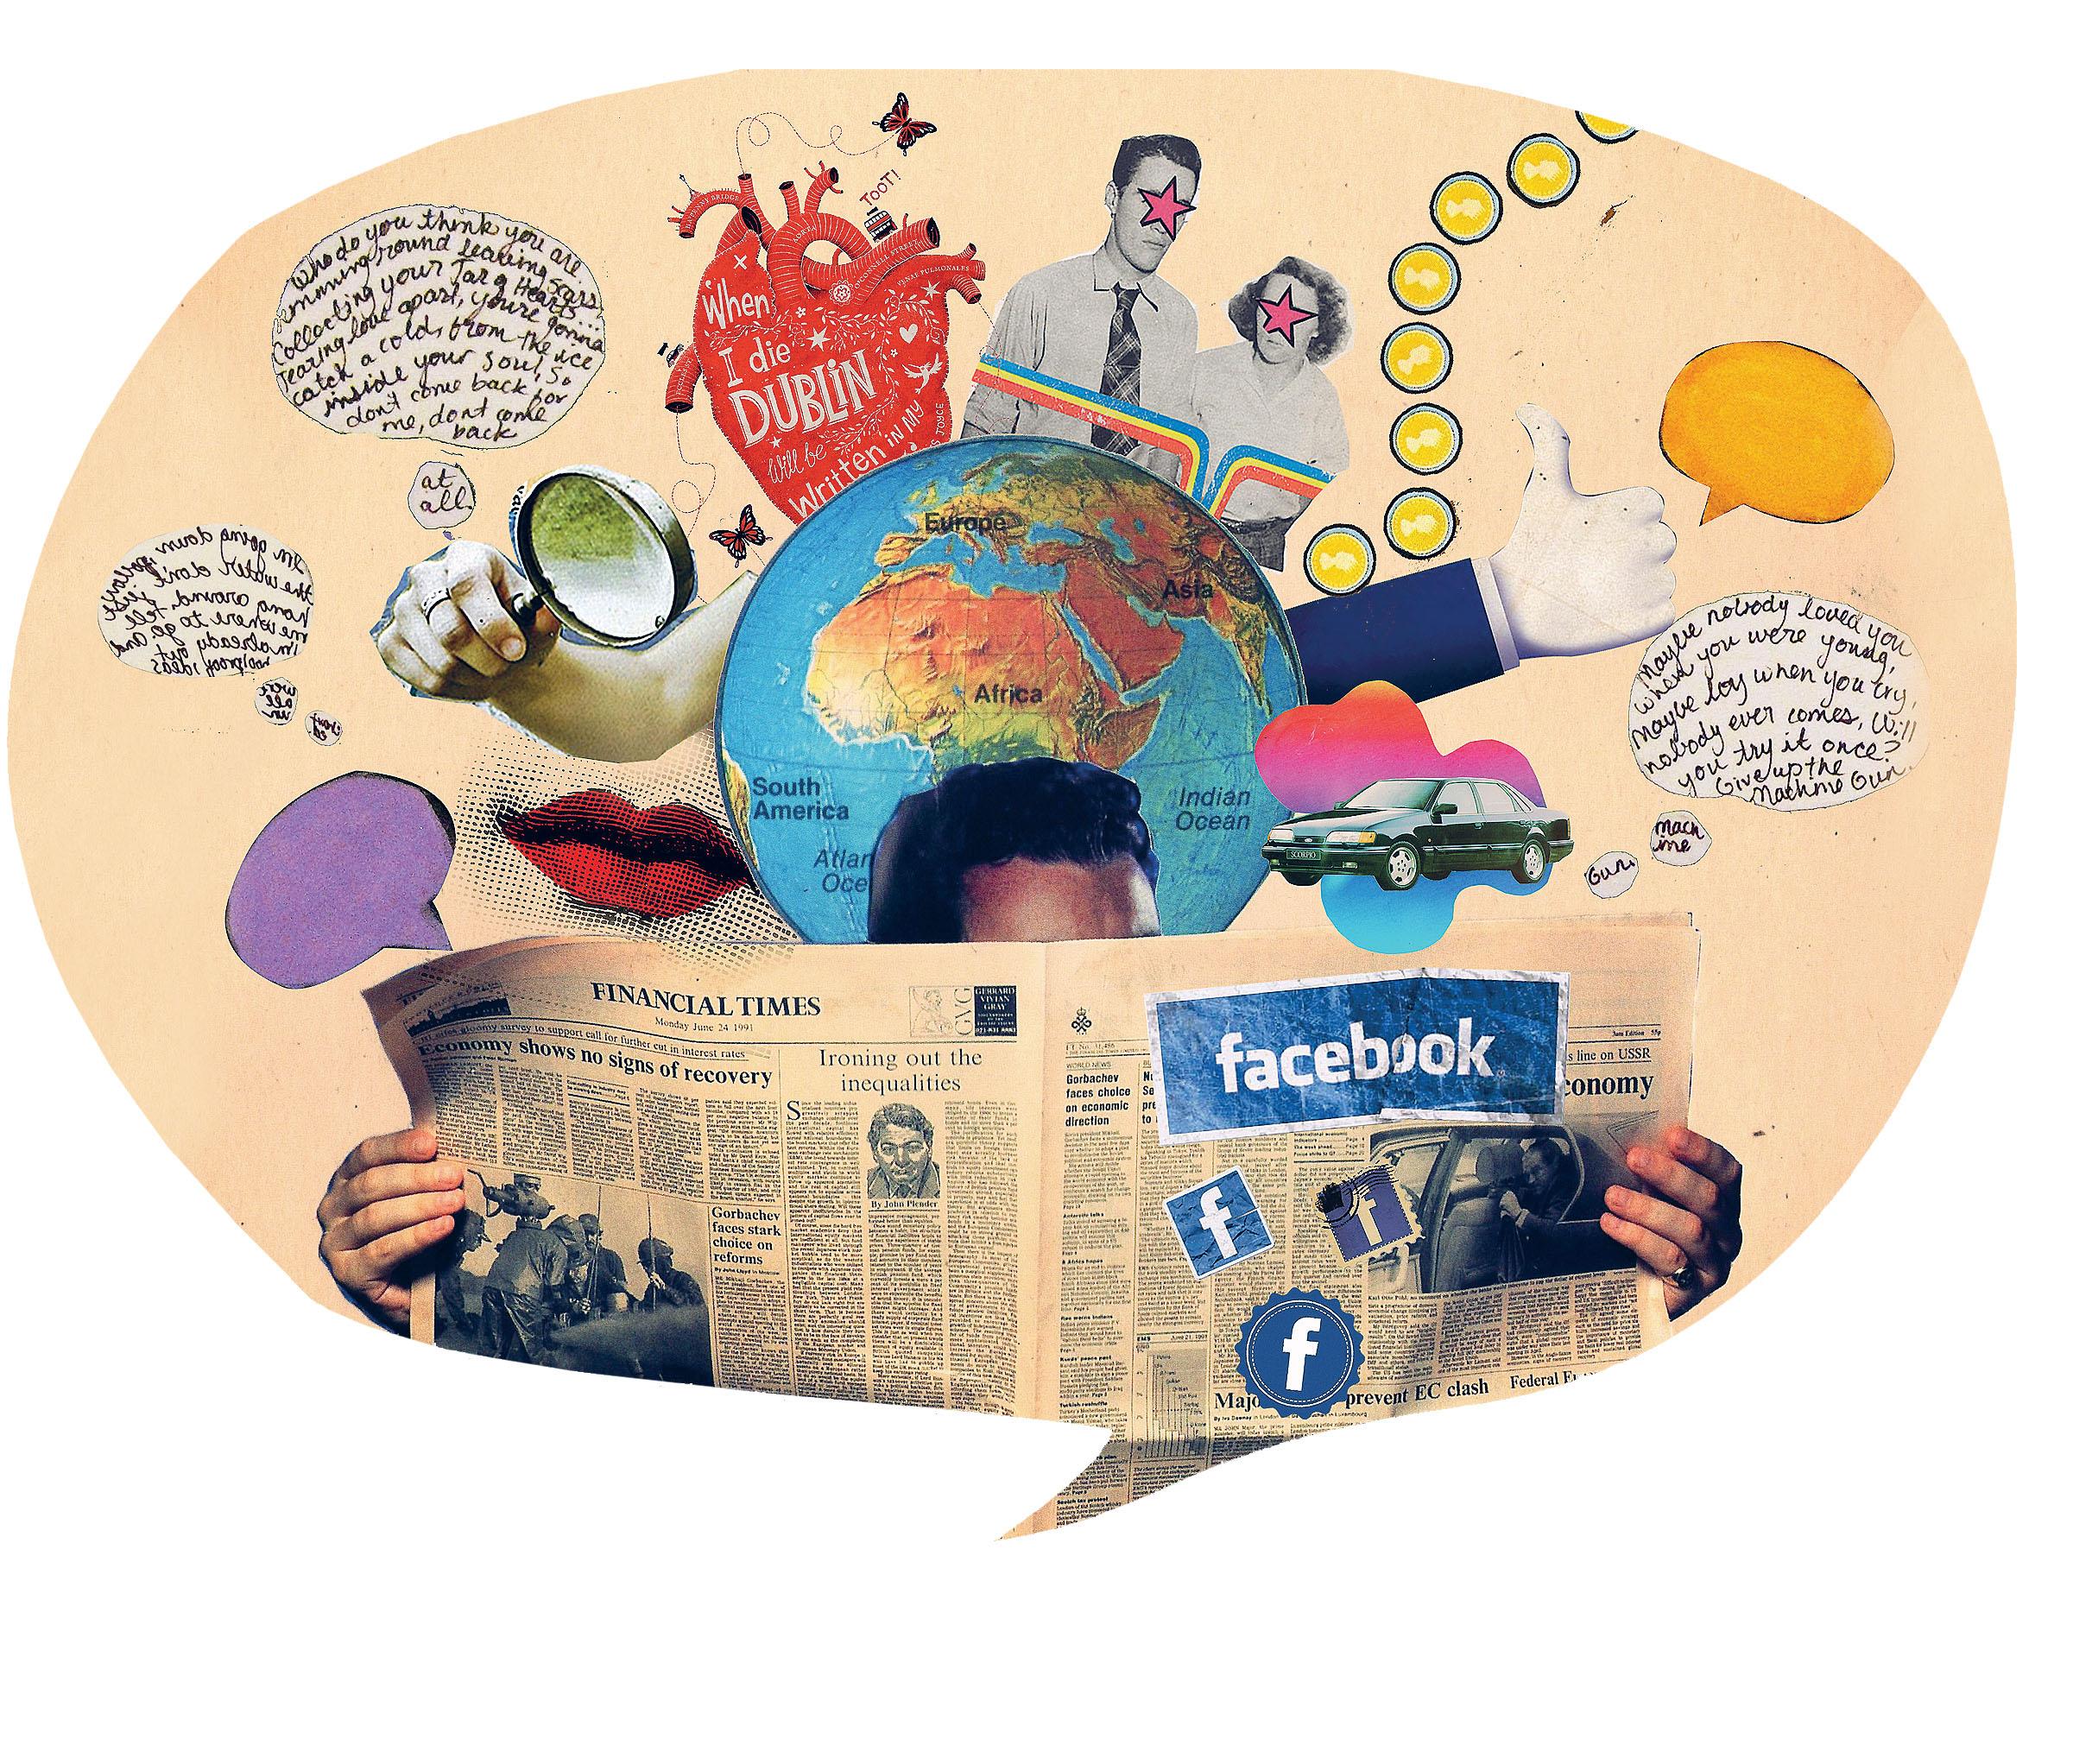 Hôn nhân vs Facebook